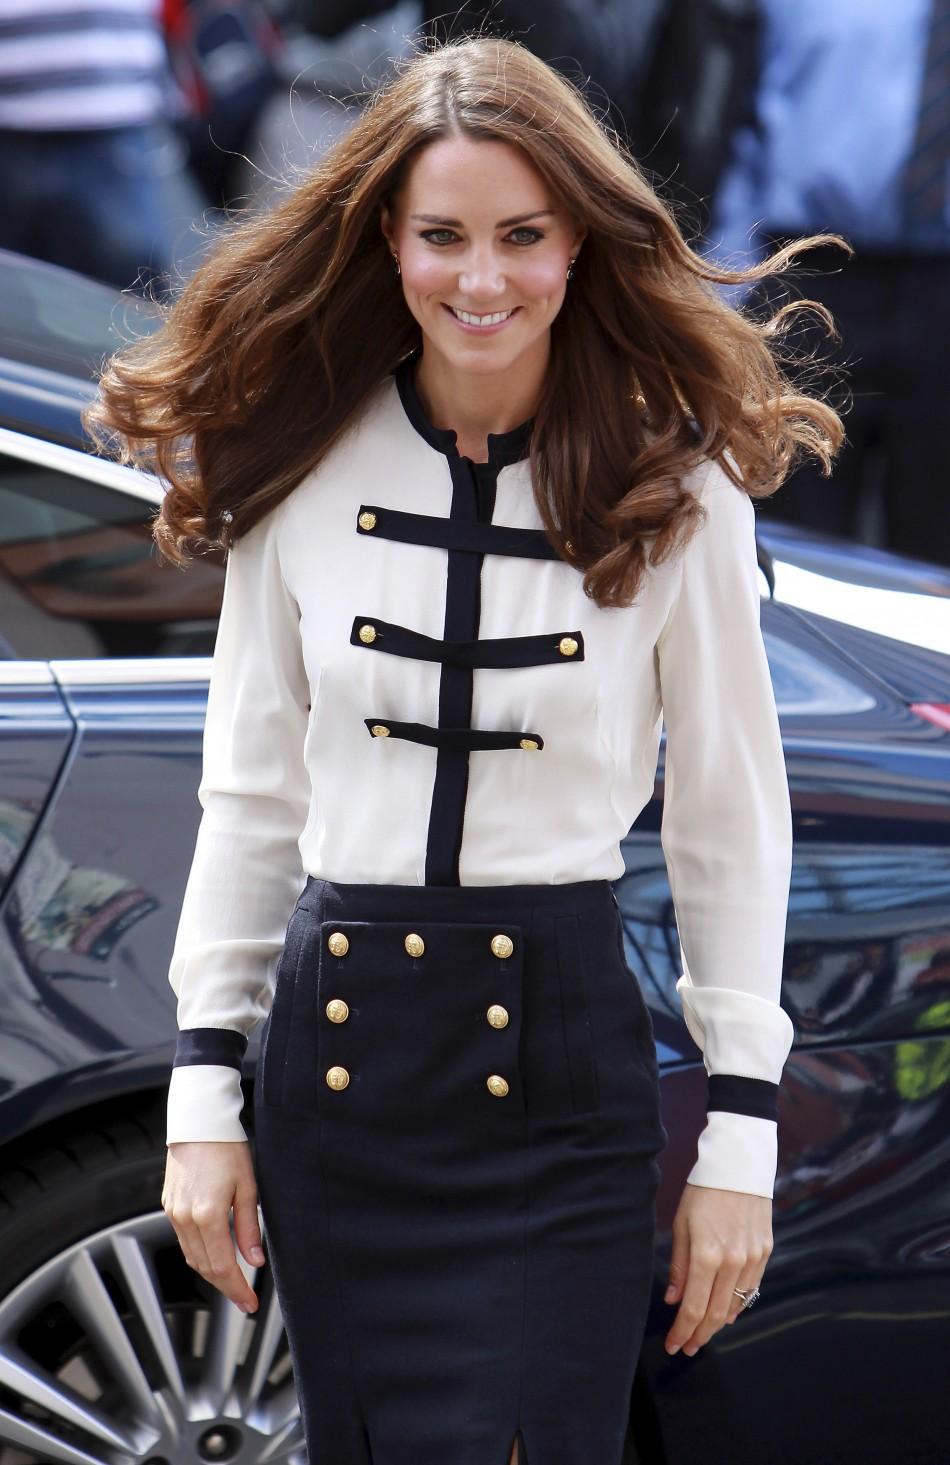 British Kate